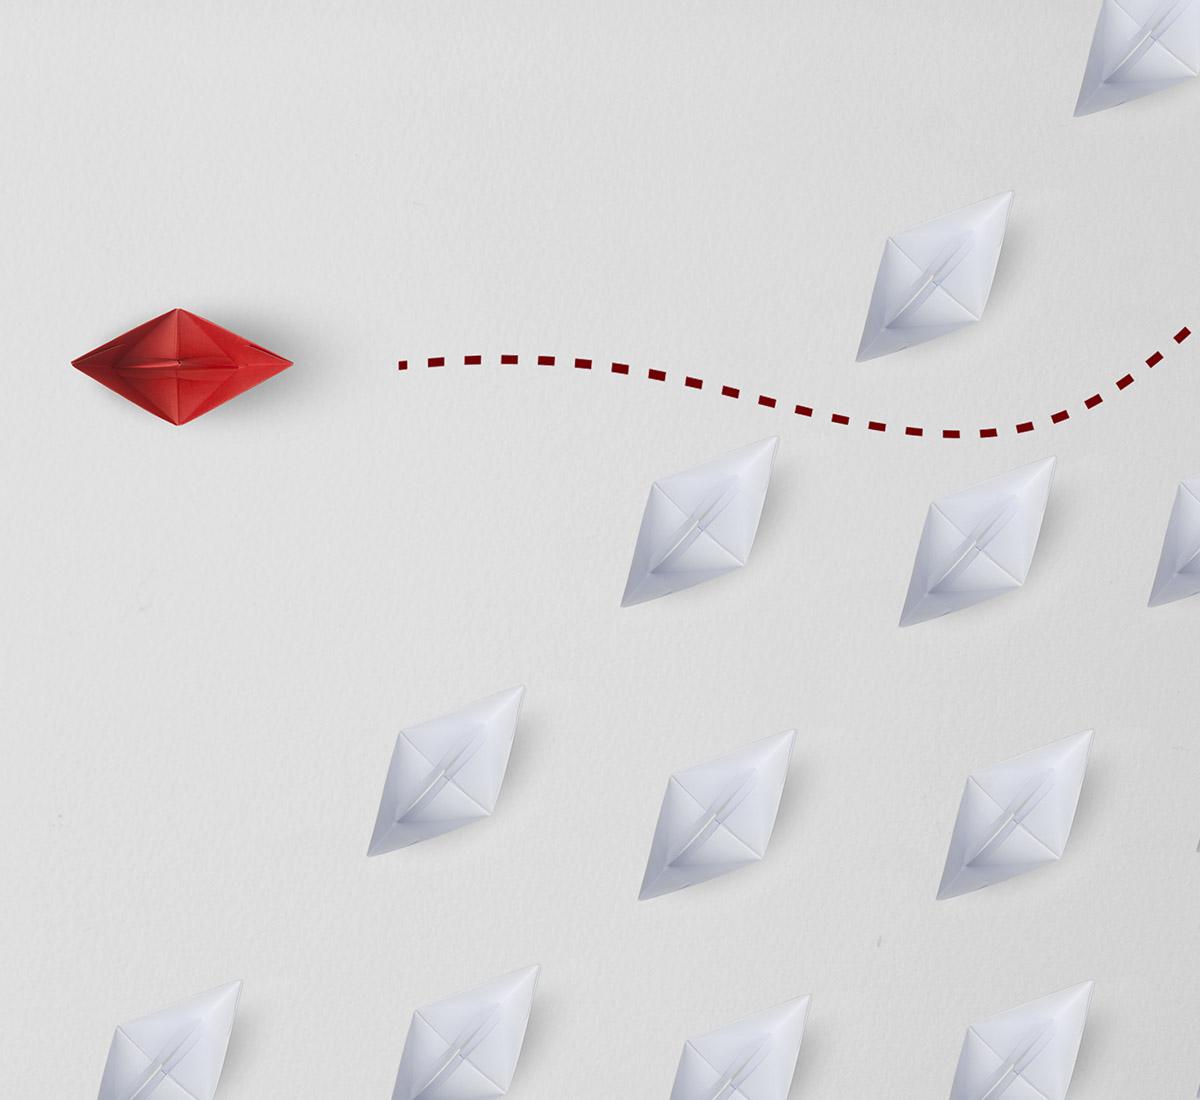 Accompagnement permanent transformation numérique - Sopra Steria